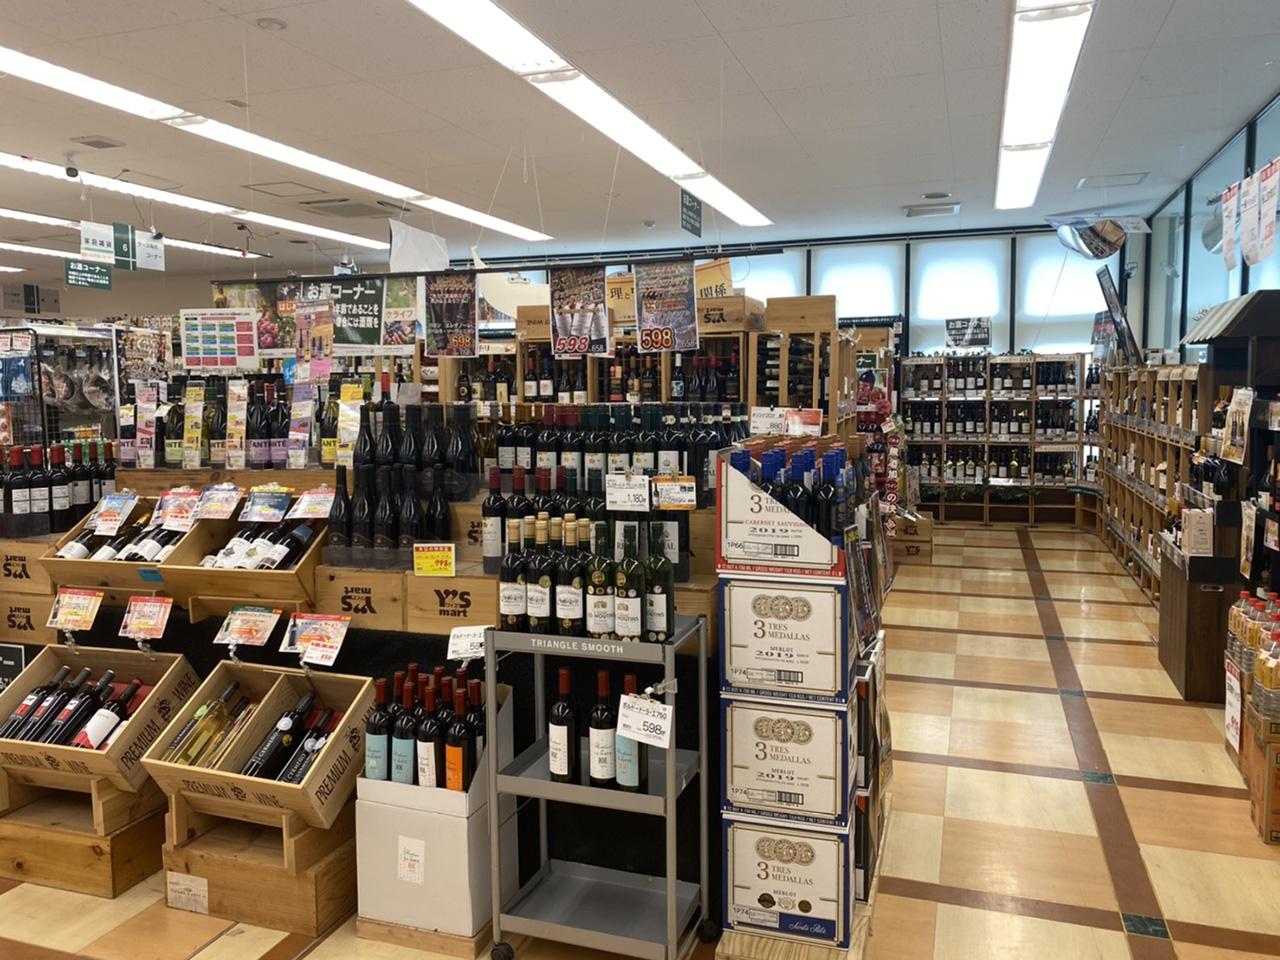 陳列されたワインの写真